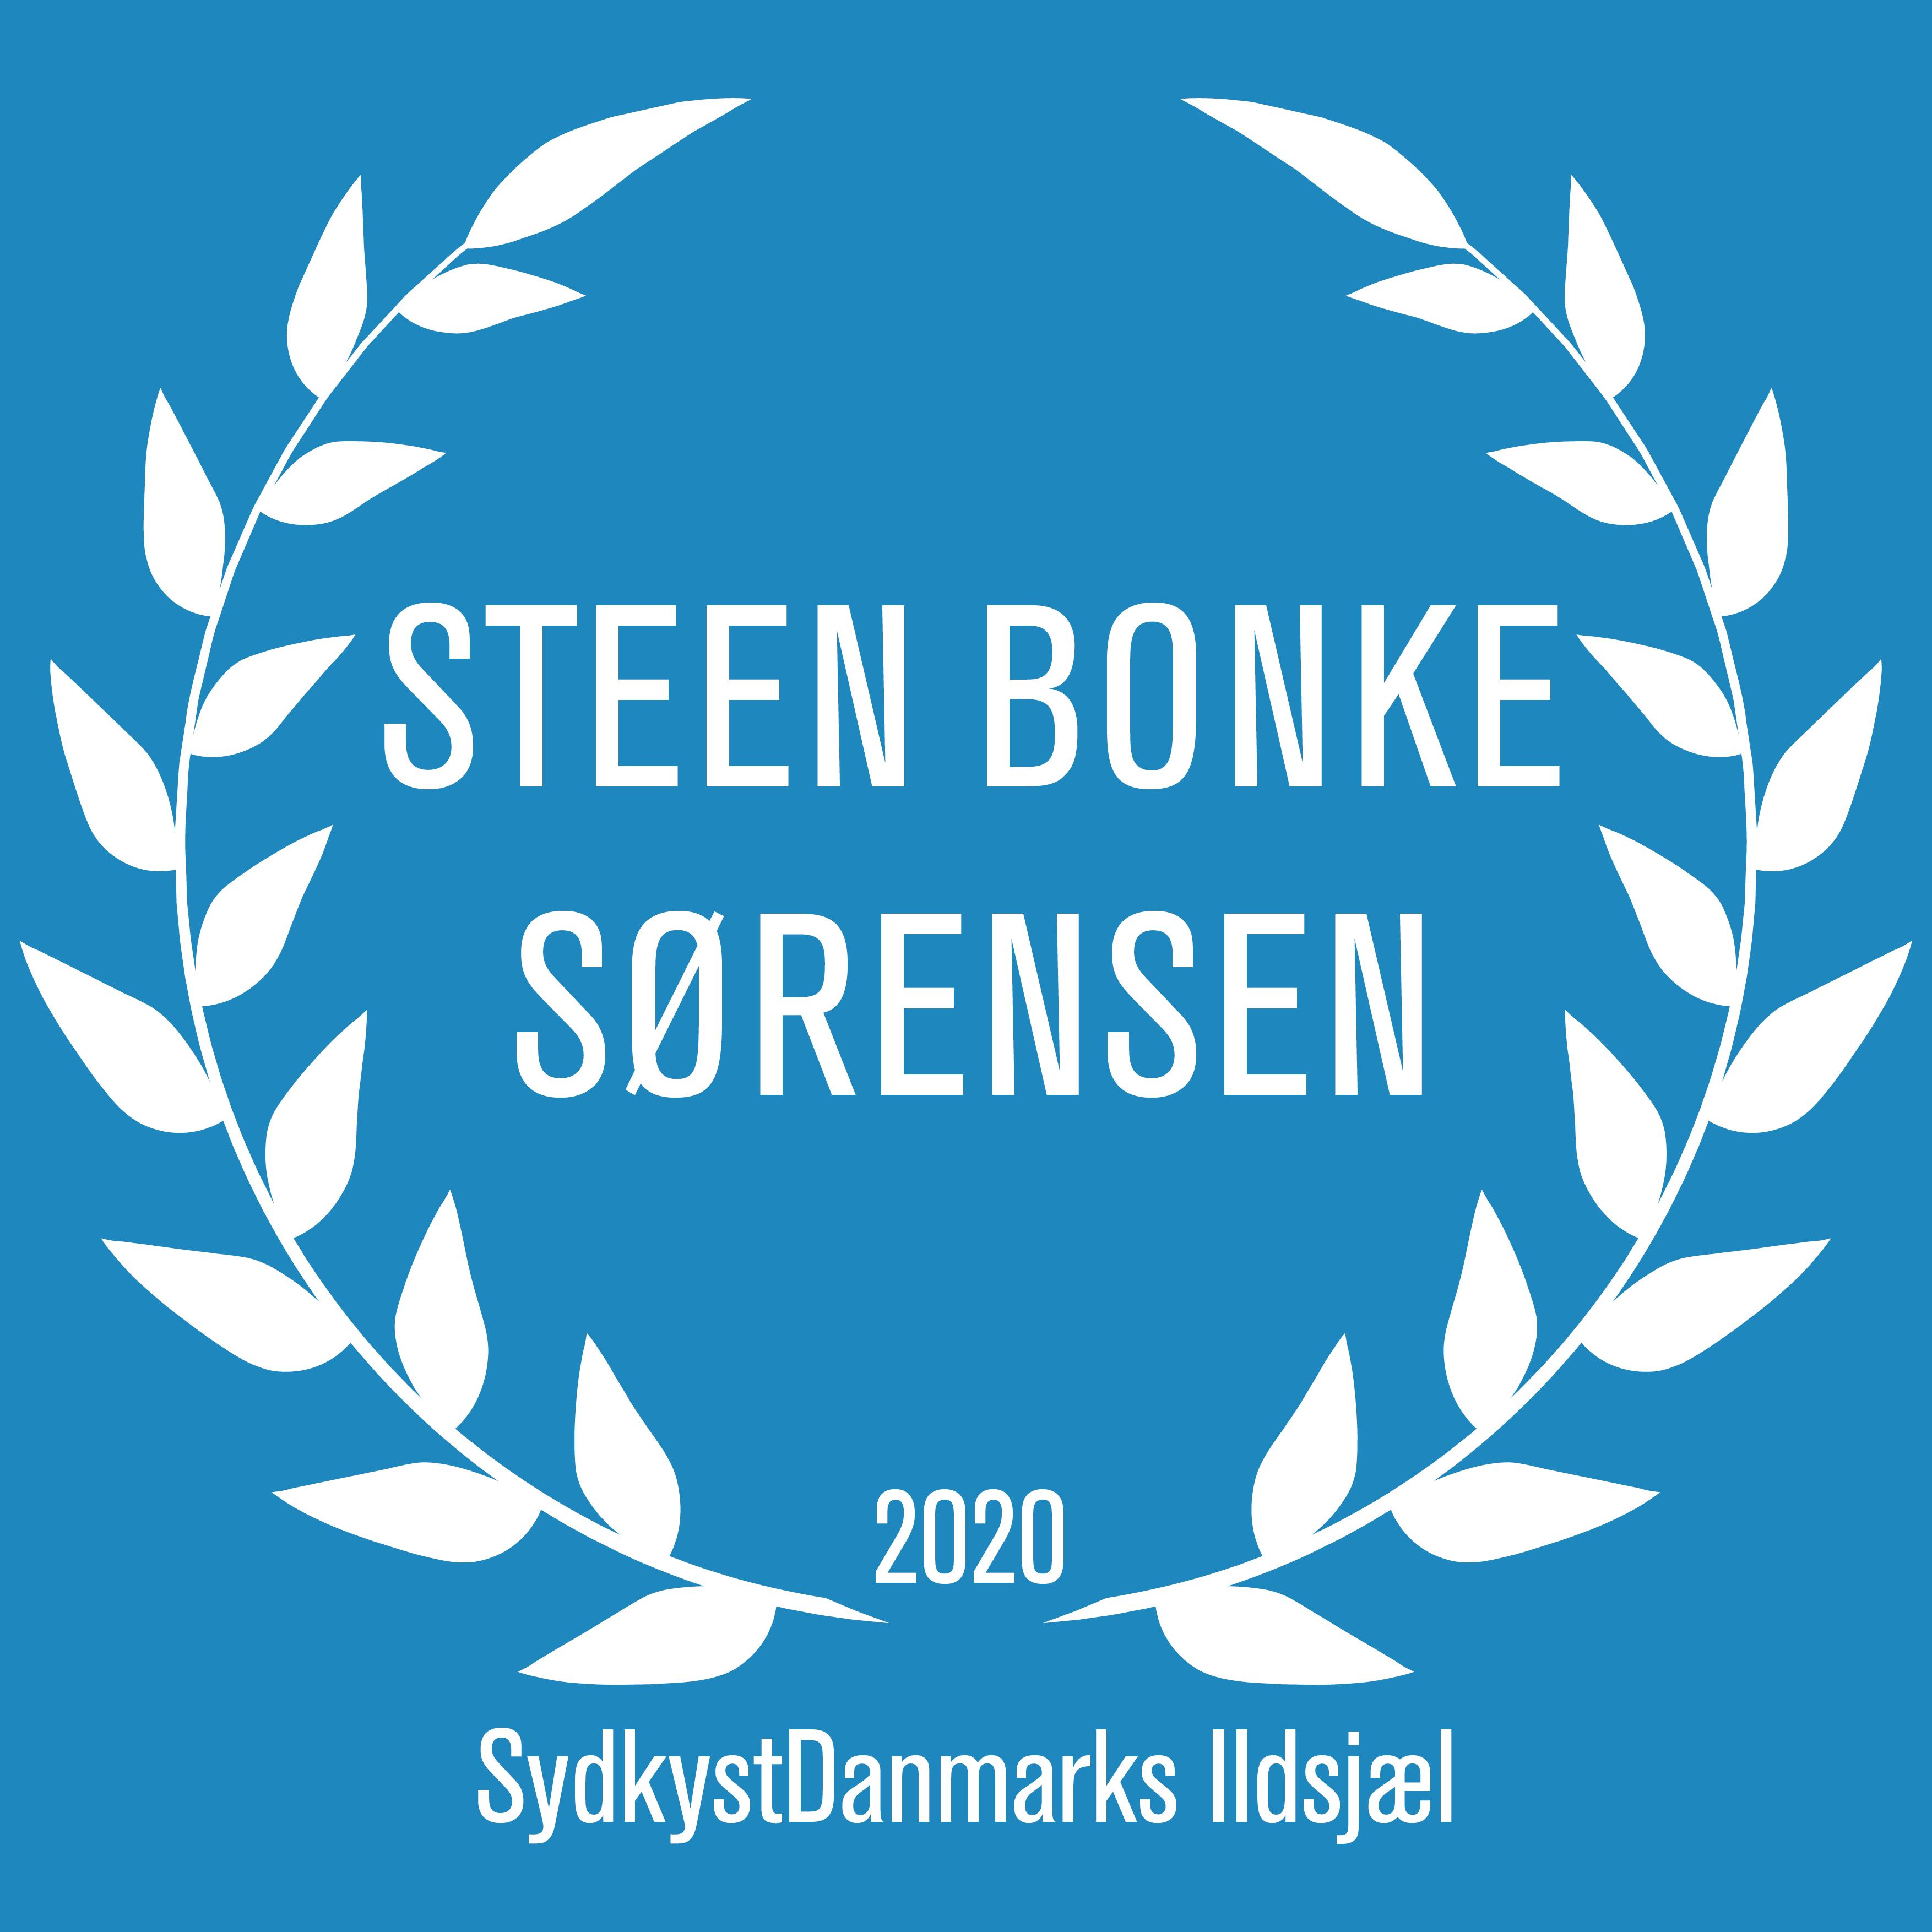 Steen Bonke Sørensen